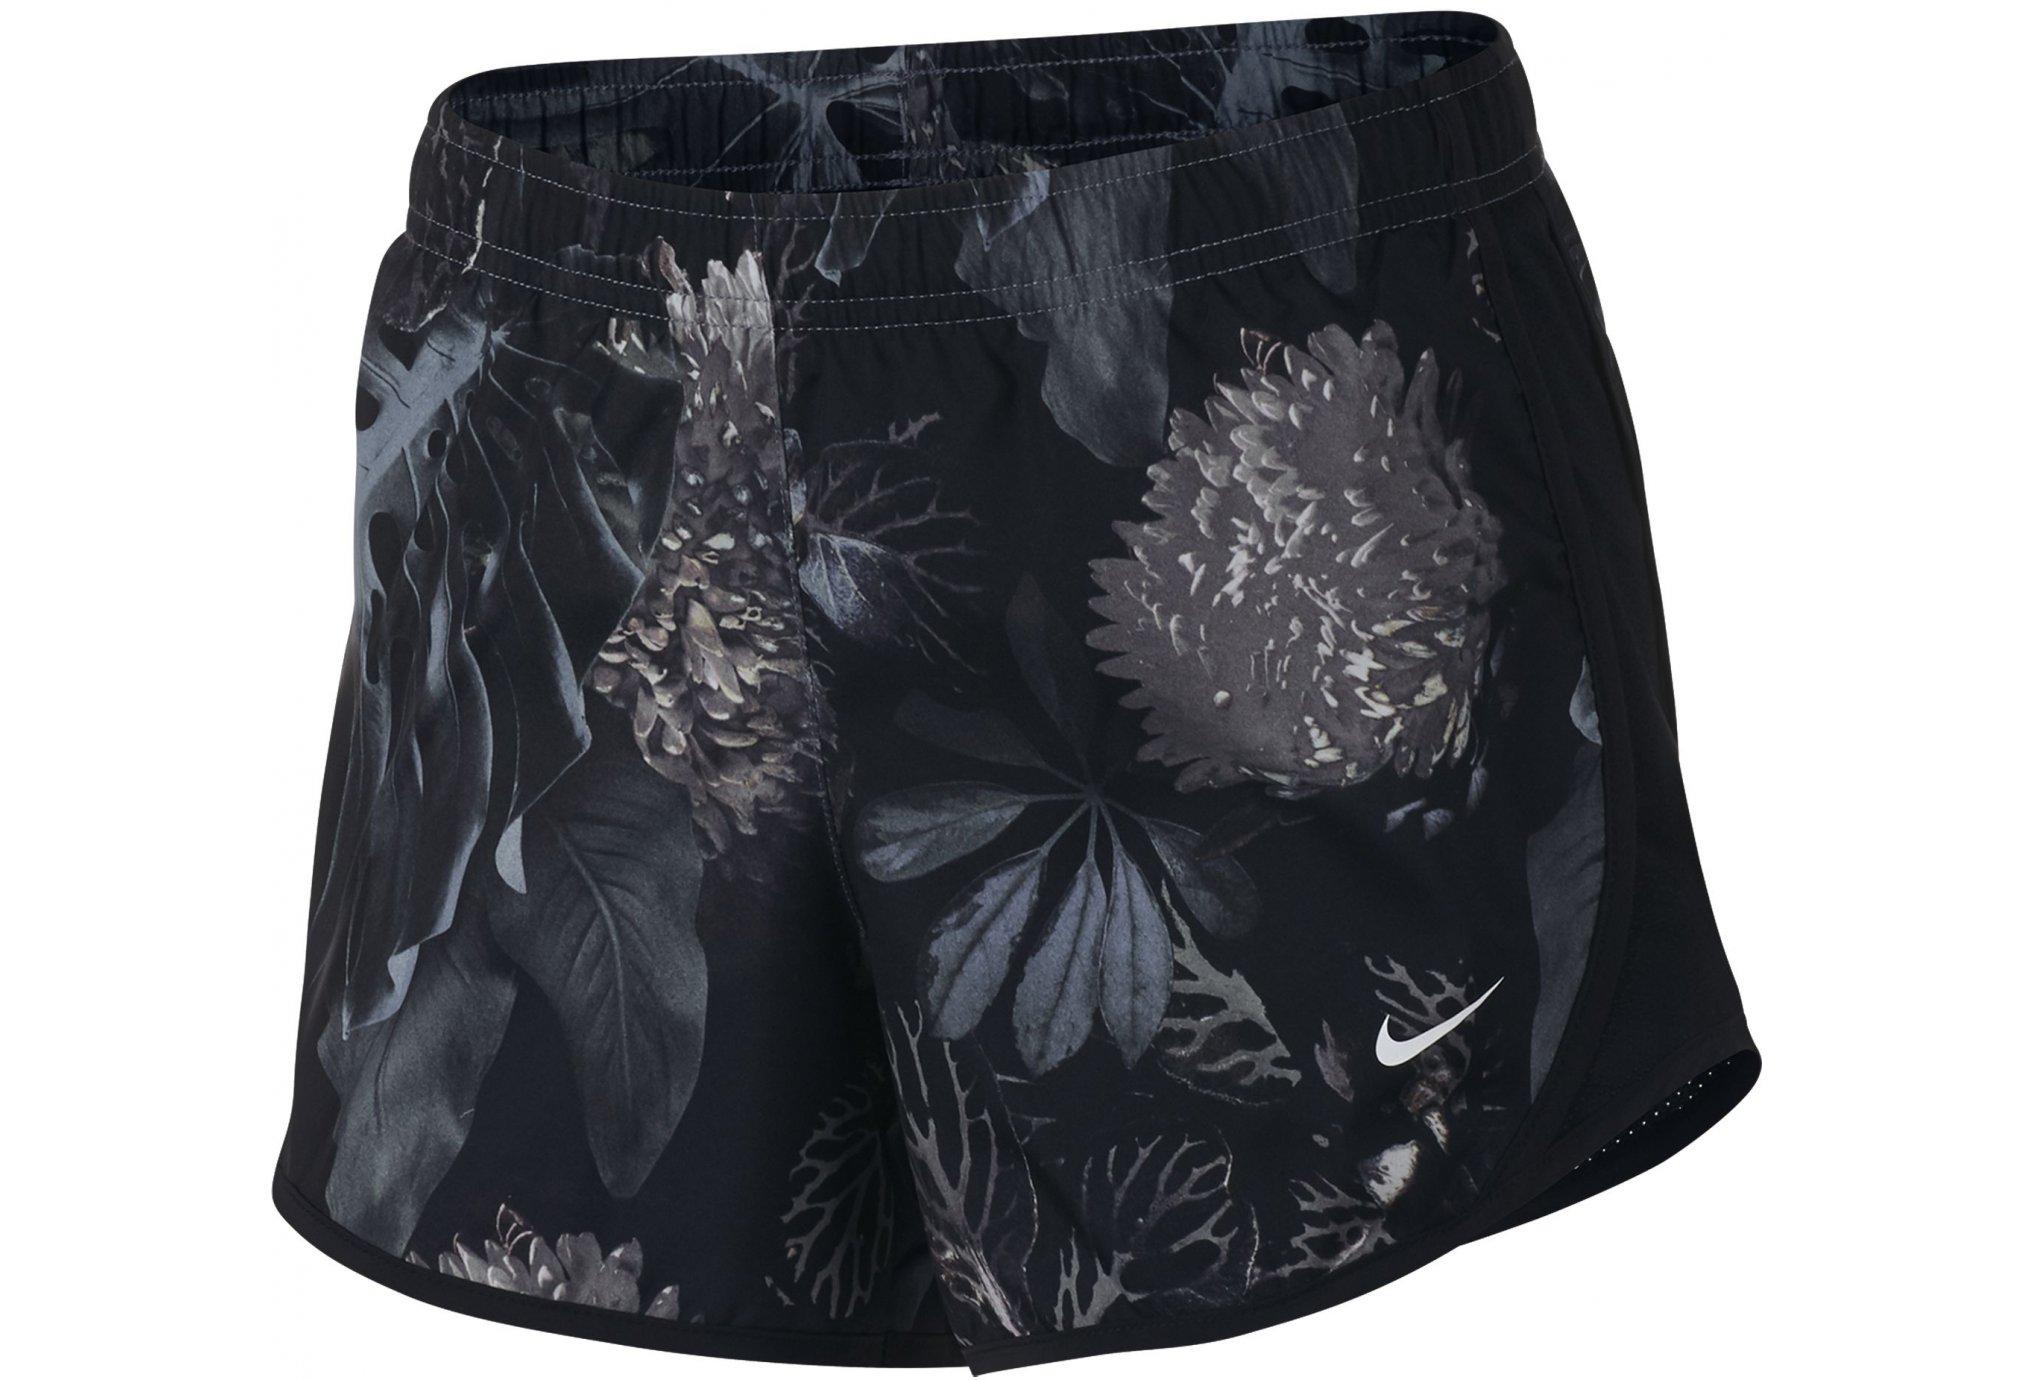 Nike Tempo Fille vêtement running femme